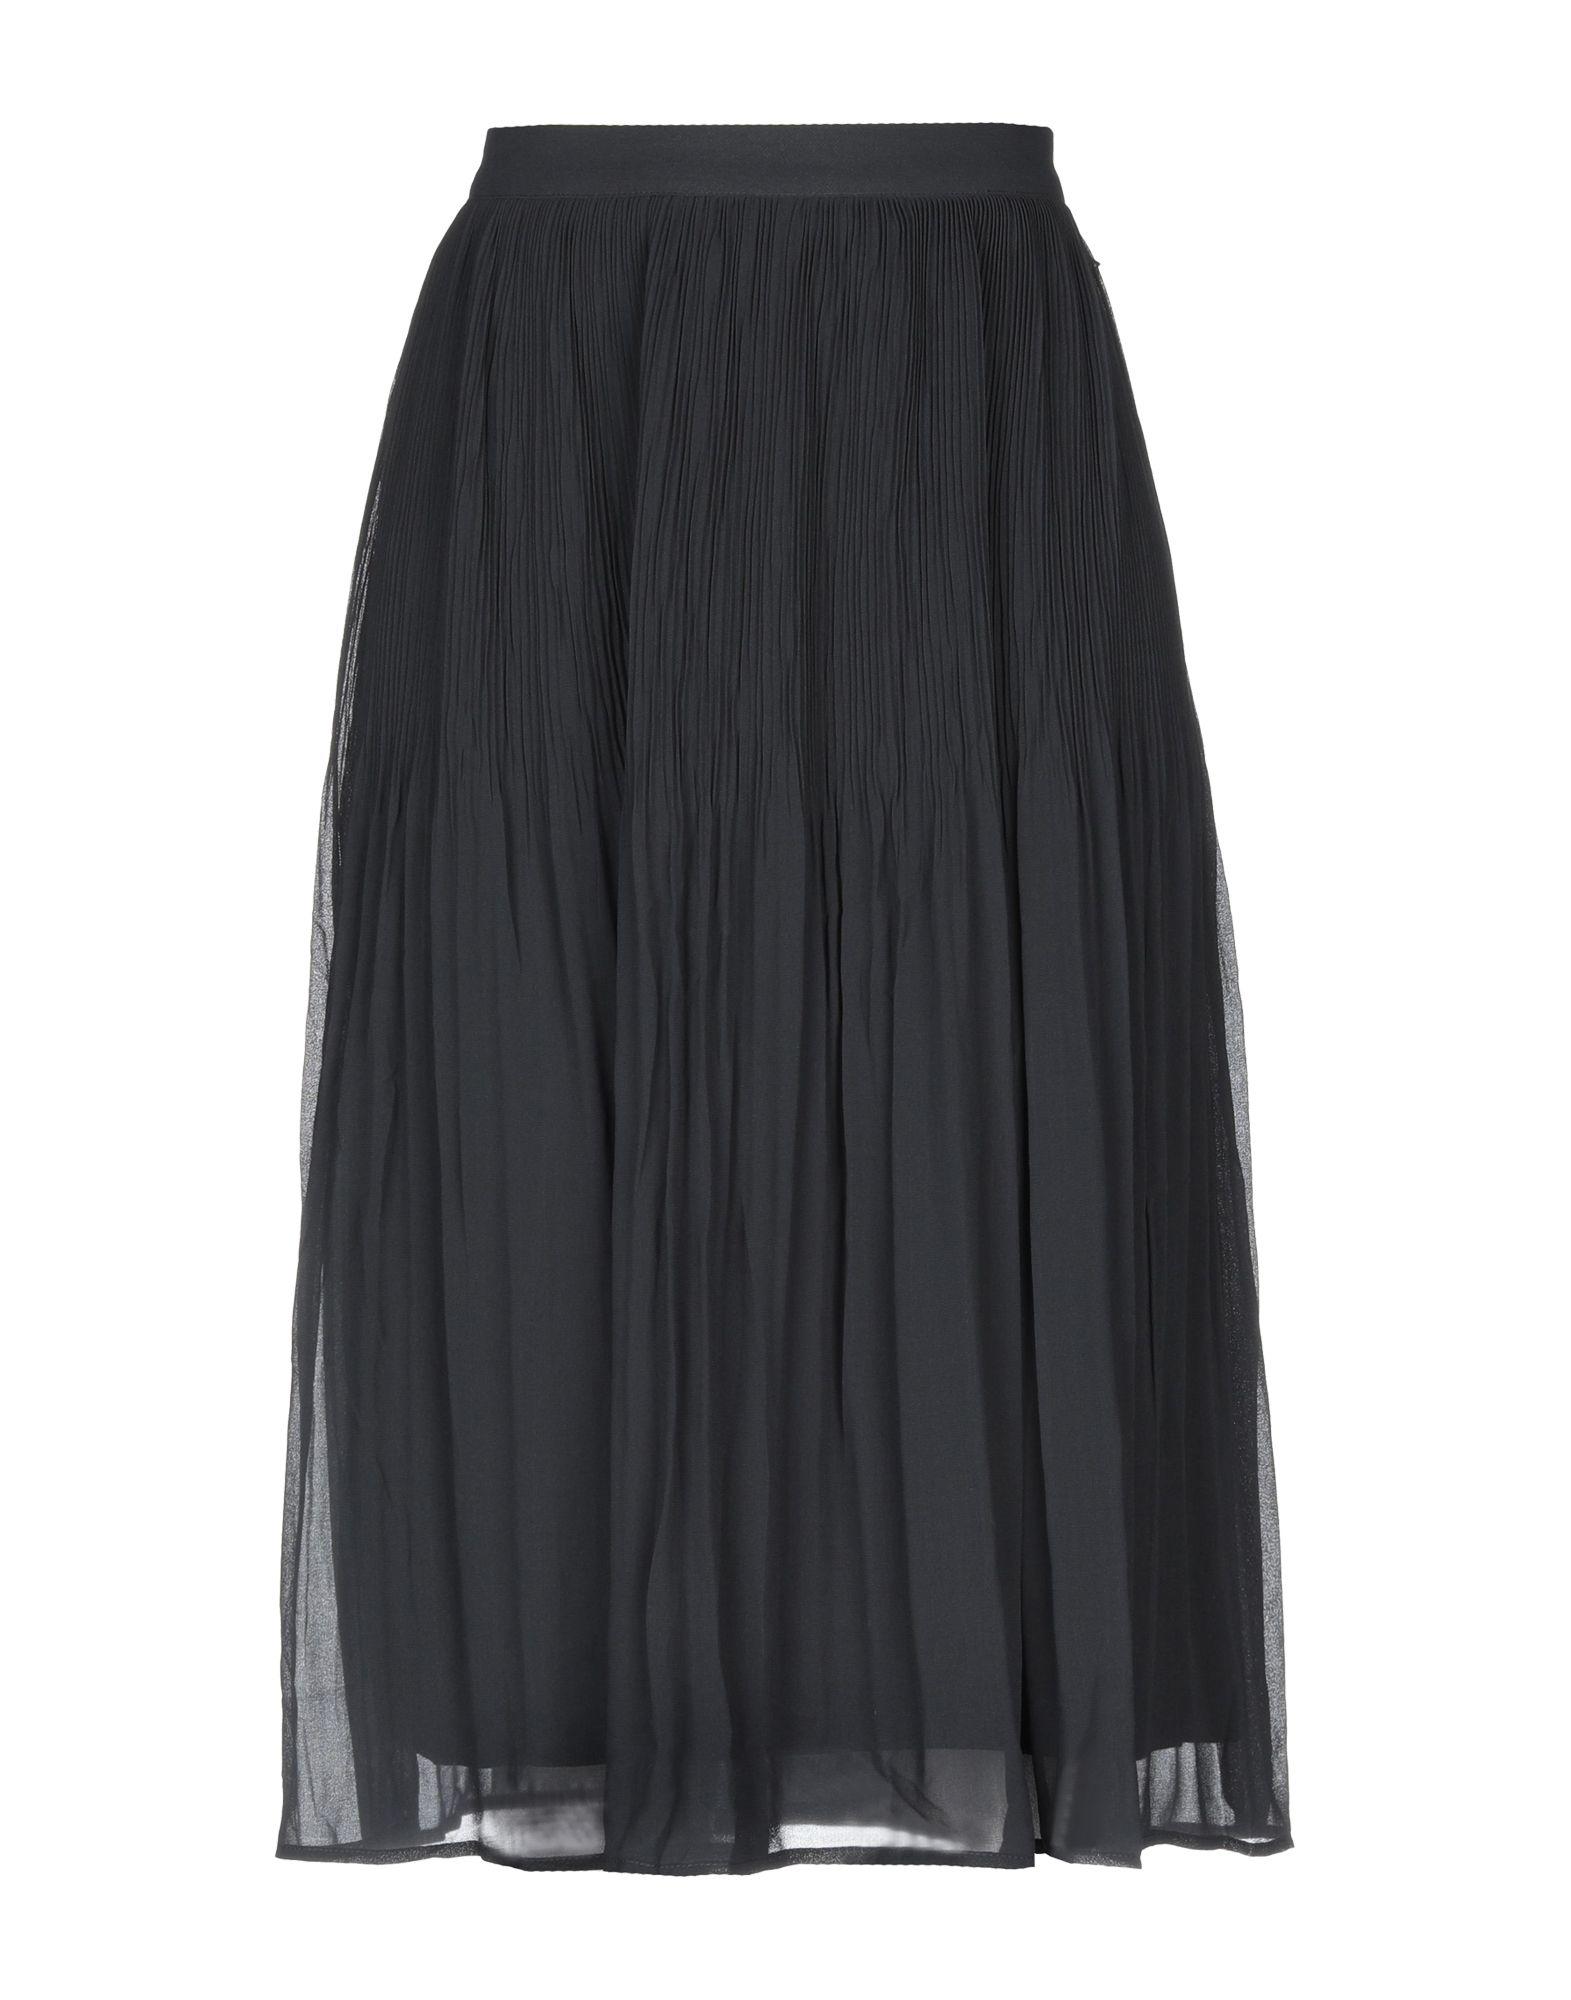 PEPE JEANS Юбка длиной 3/4 trussardi jeans юбка длиной 3 4